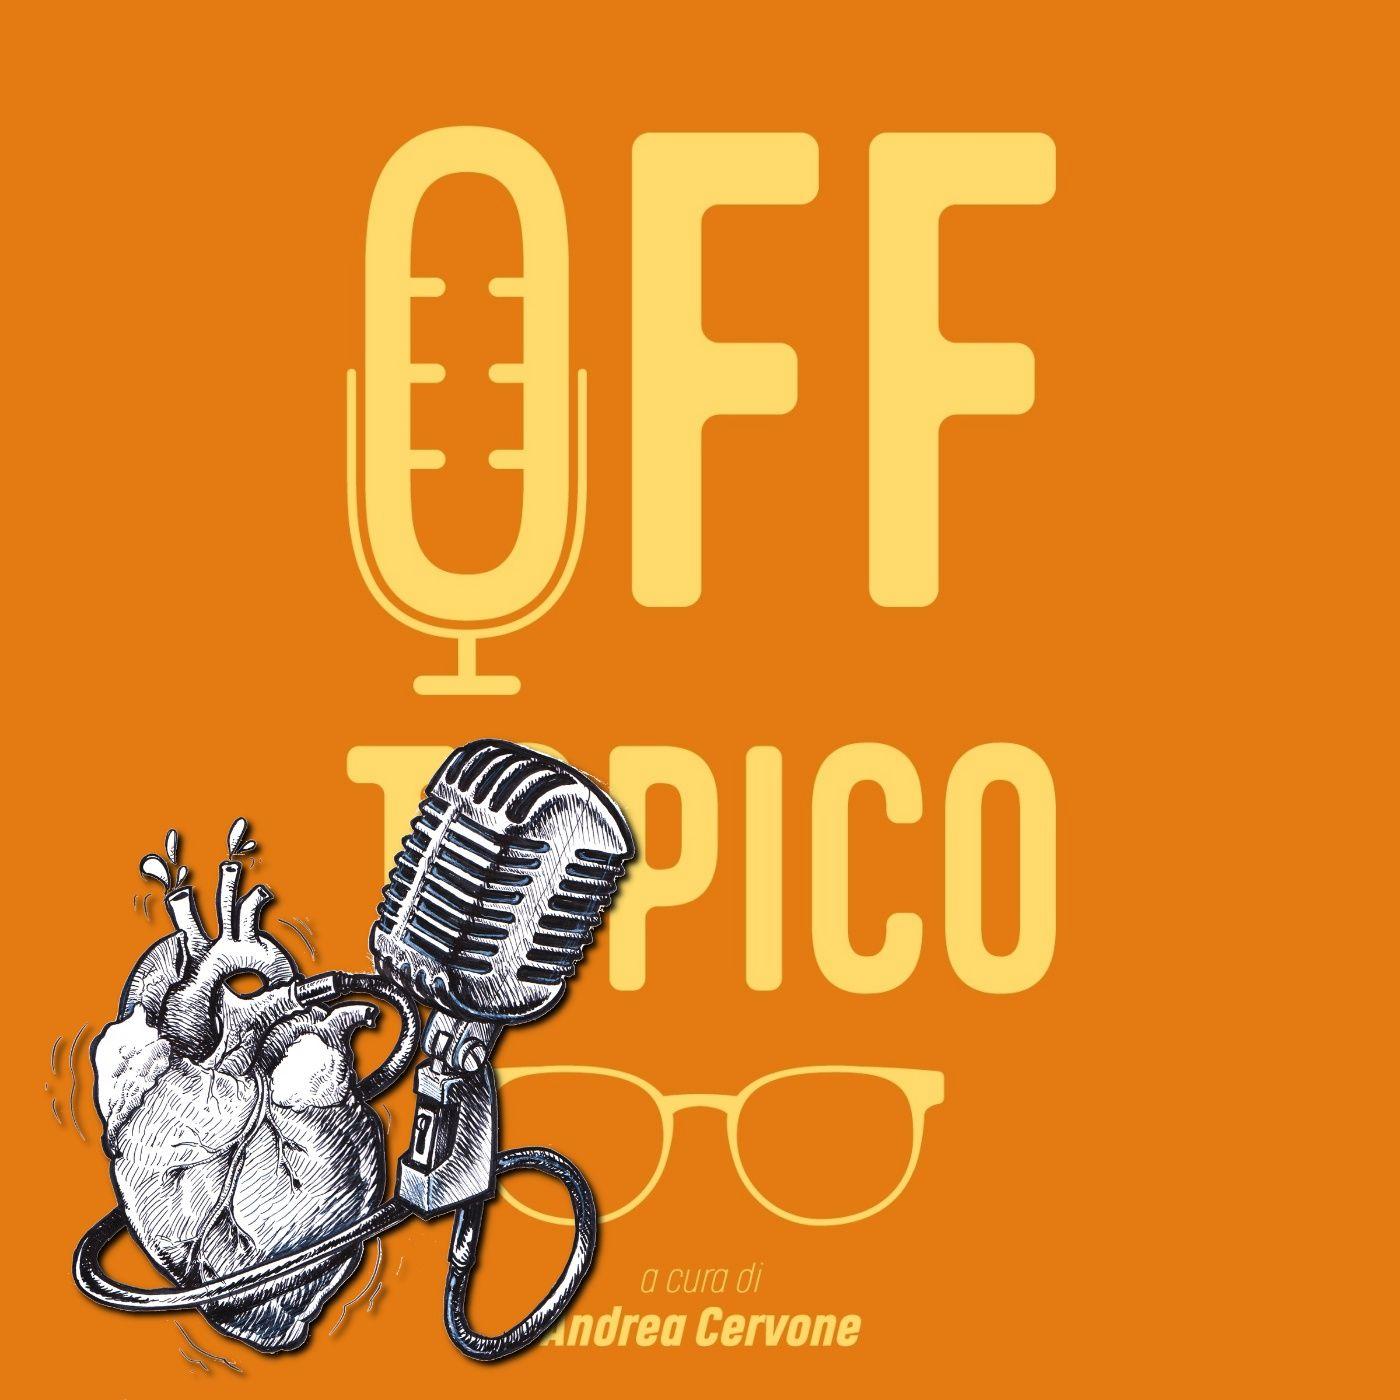 Bisogno di andare Off Topic   con Andrea Cervone di Offtopico